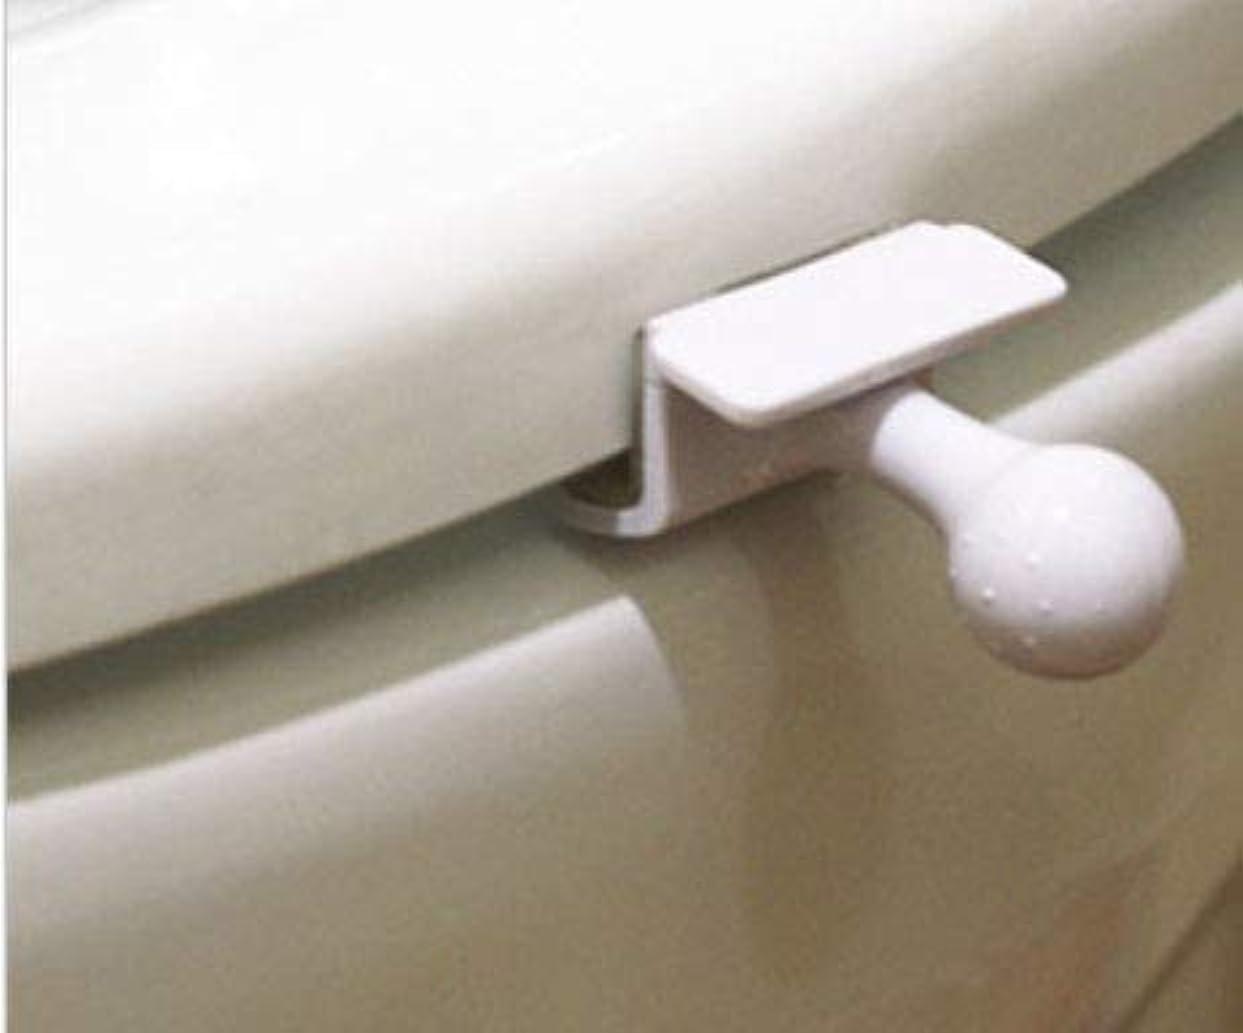 再撮り問い合わせ民主主義切手を貼り郵便局発送、トイレ 便座 取っ手 除菌 トイレ便座とって 便座ハンドル 開閉、トイレを使用する時、蓋を持ち上げる時の不愉快さを なくす、トイレの蓋を取る器具